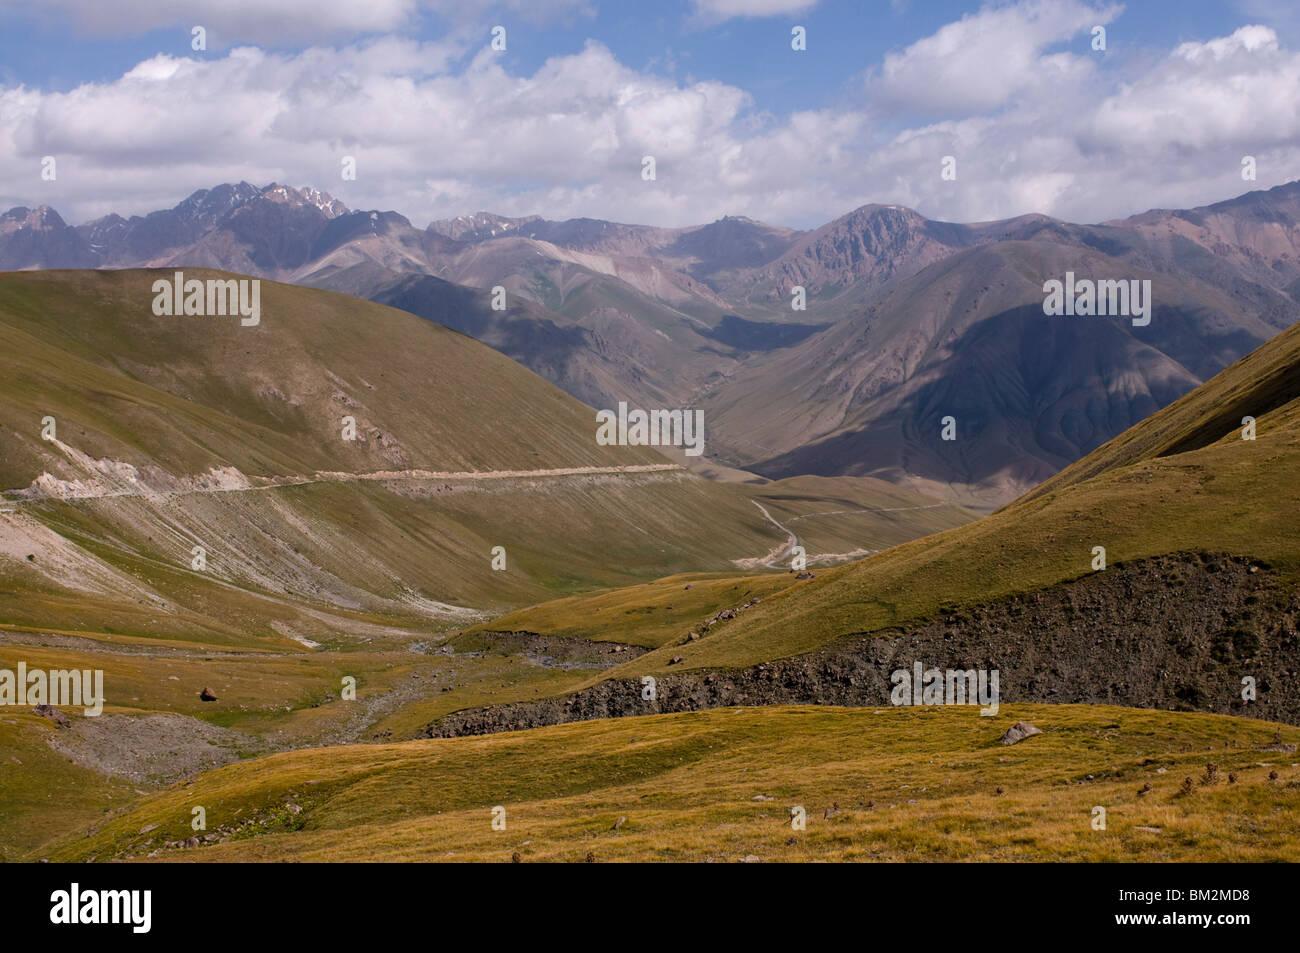 Wild mountain landscape, Song Kol, Kyrgyzstan - Stock Image